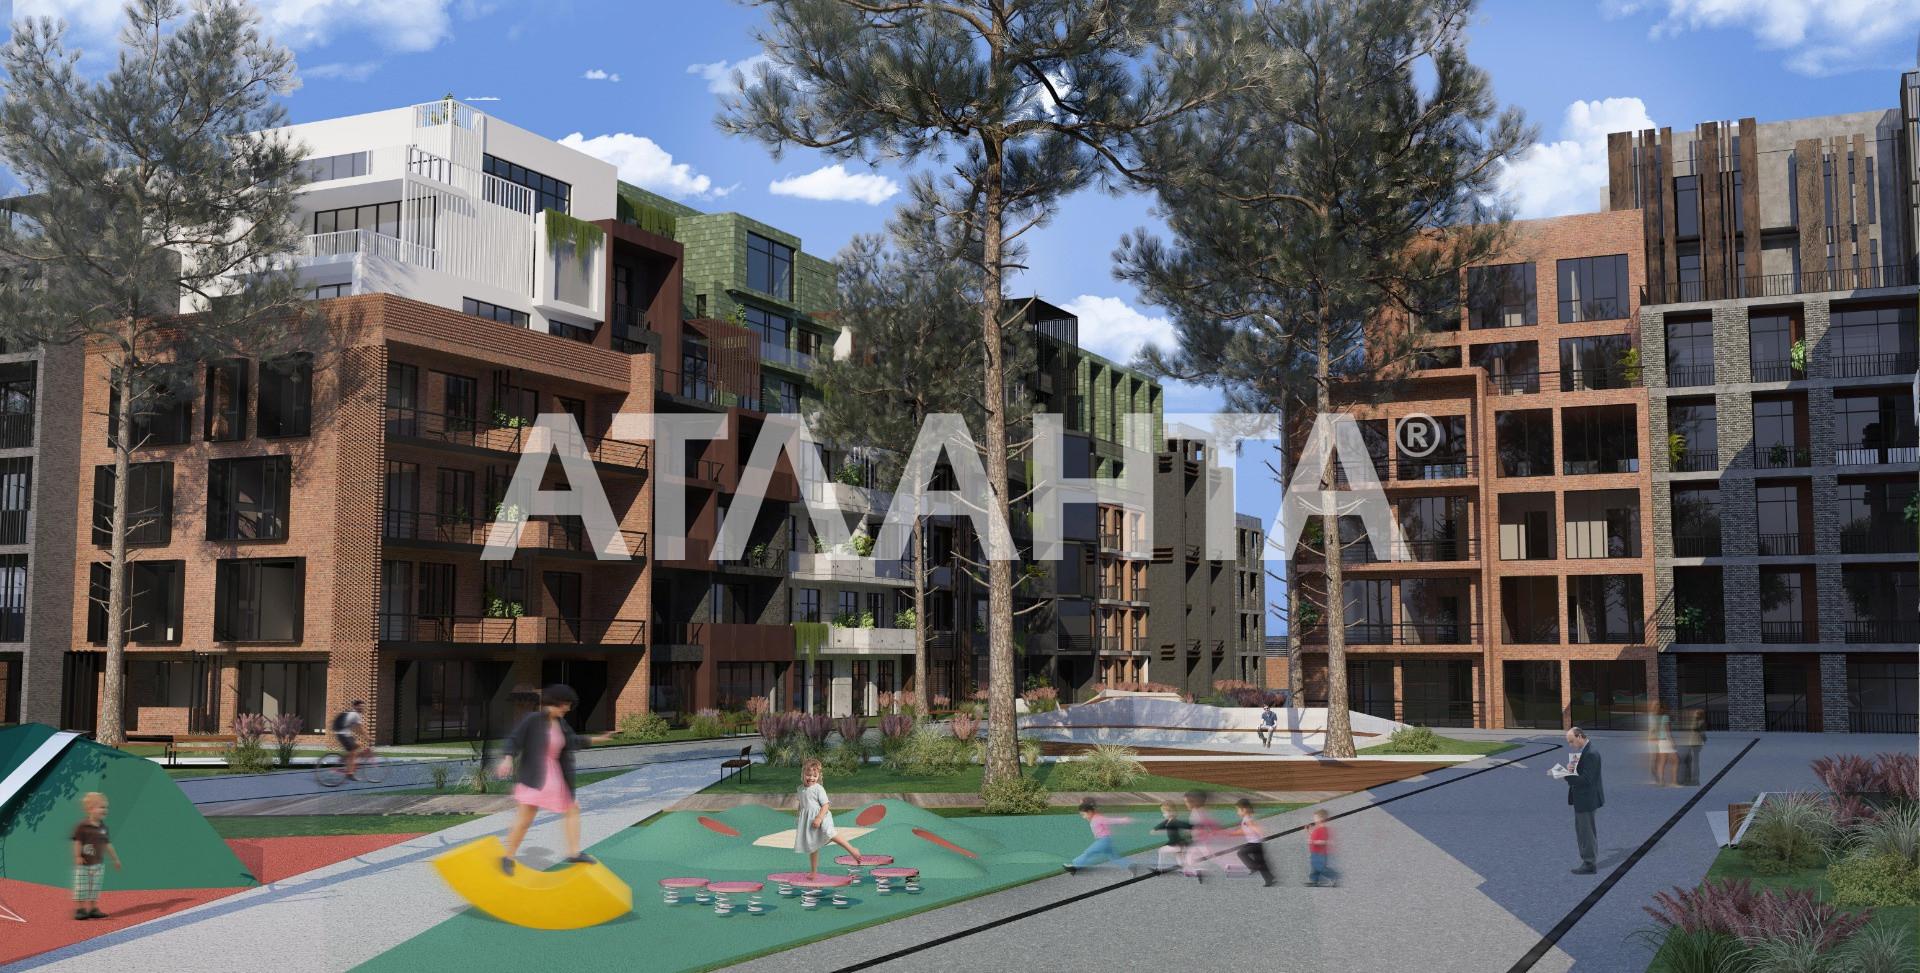 Продается 1-комнатная Квартира на ул. Донского Дмитрия — 43 550 у.е.